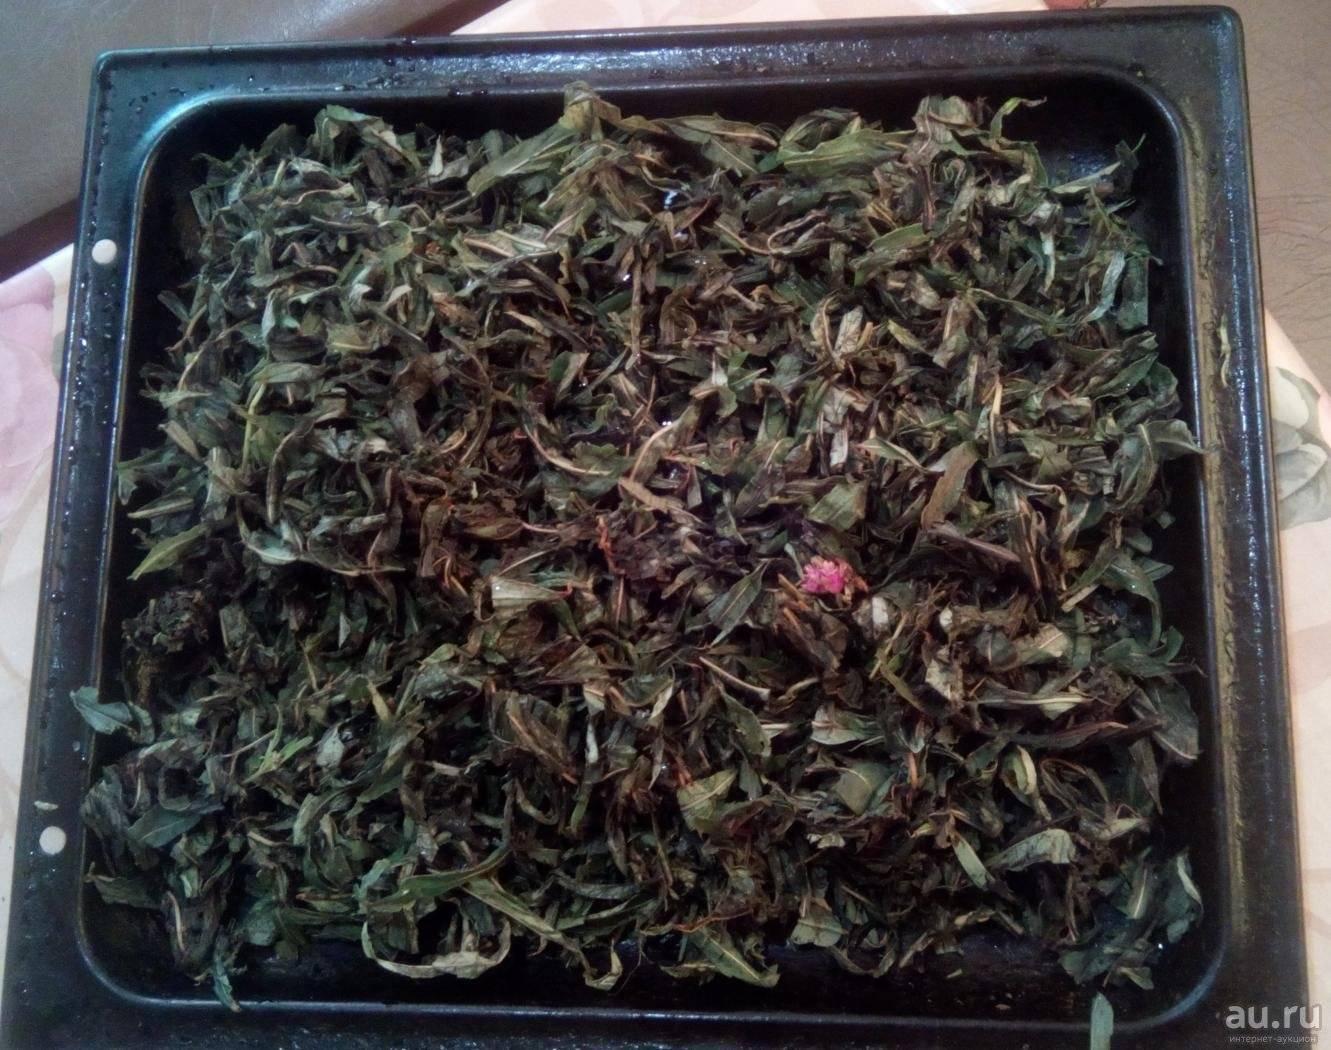 Иван-чай: как собирать и сушить и делать чай для здоровья всей семьи | народная медицина